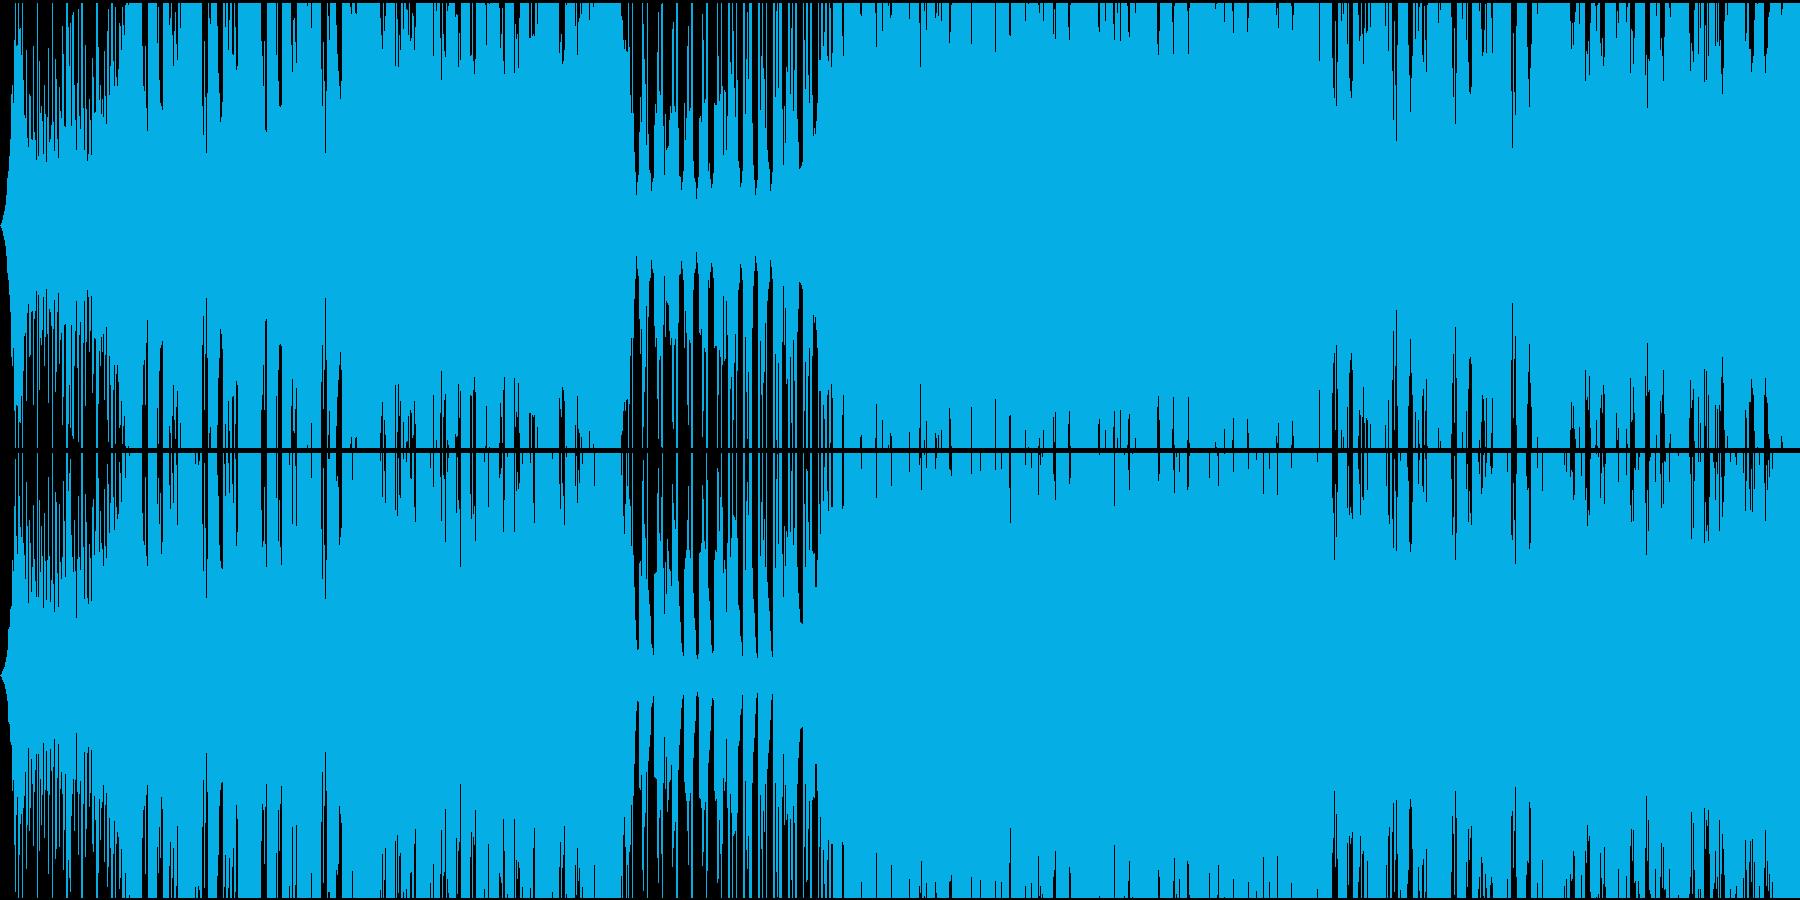 不思議系future bassの再生済みの波形